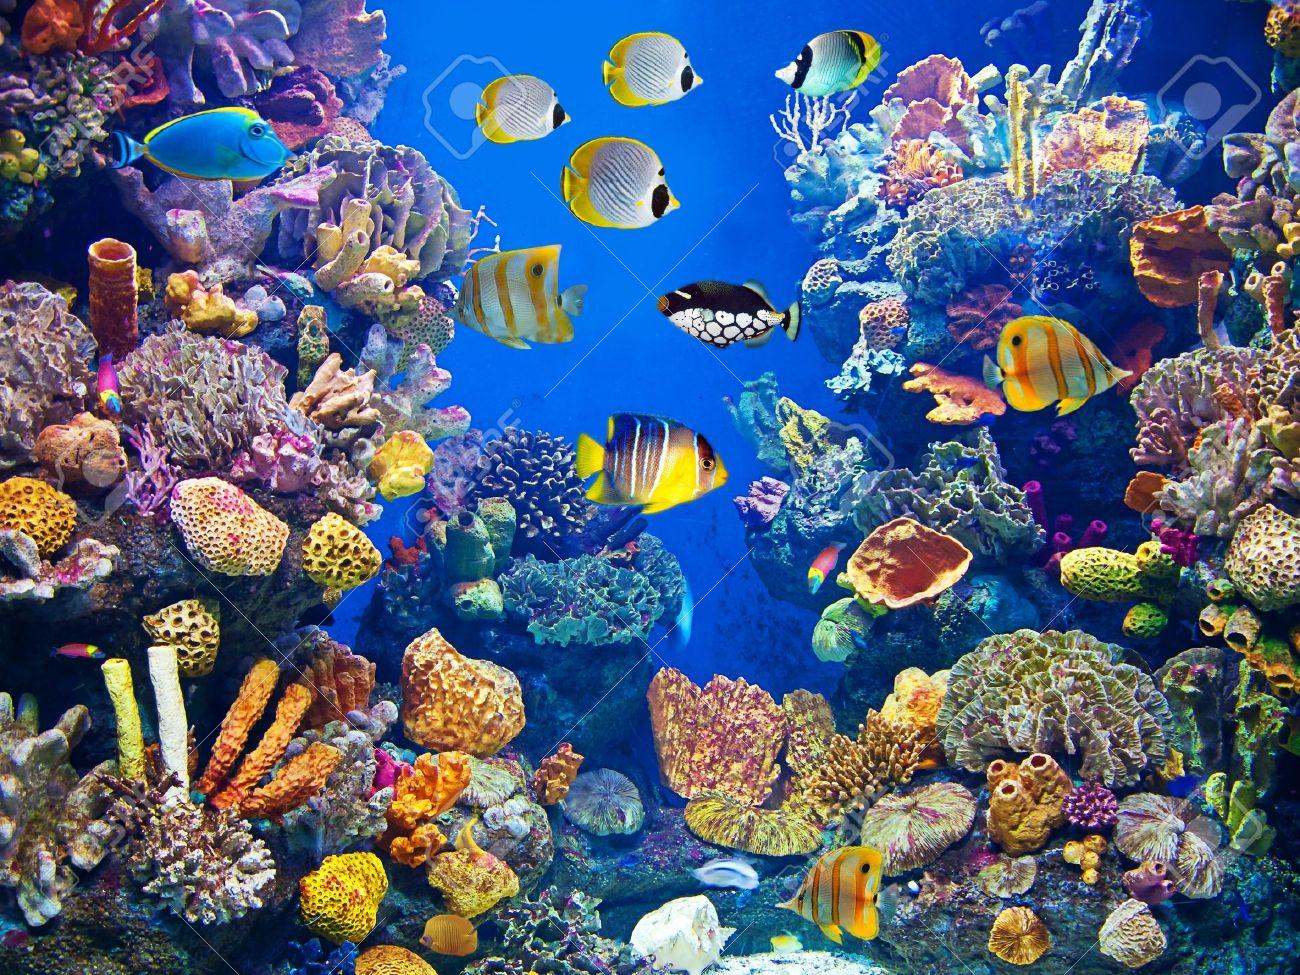 pesci acquario affinità di coppia: i quattro elementi melissa ... - Acquario Ascendente Pesci Affinità